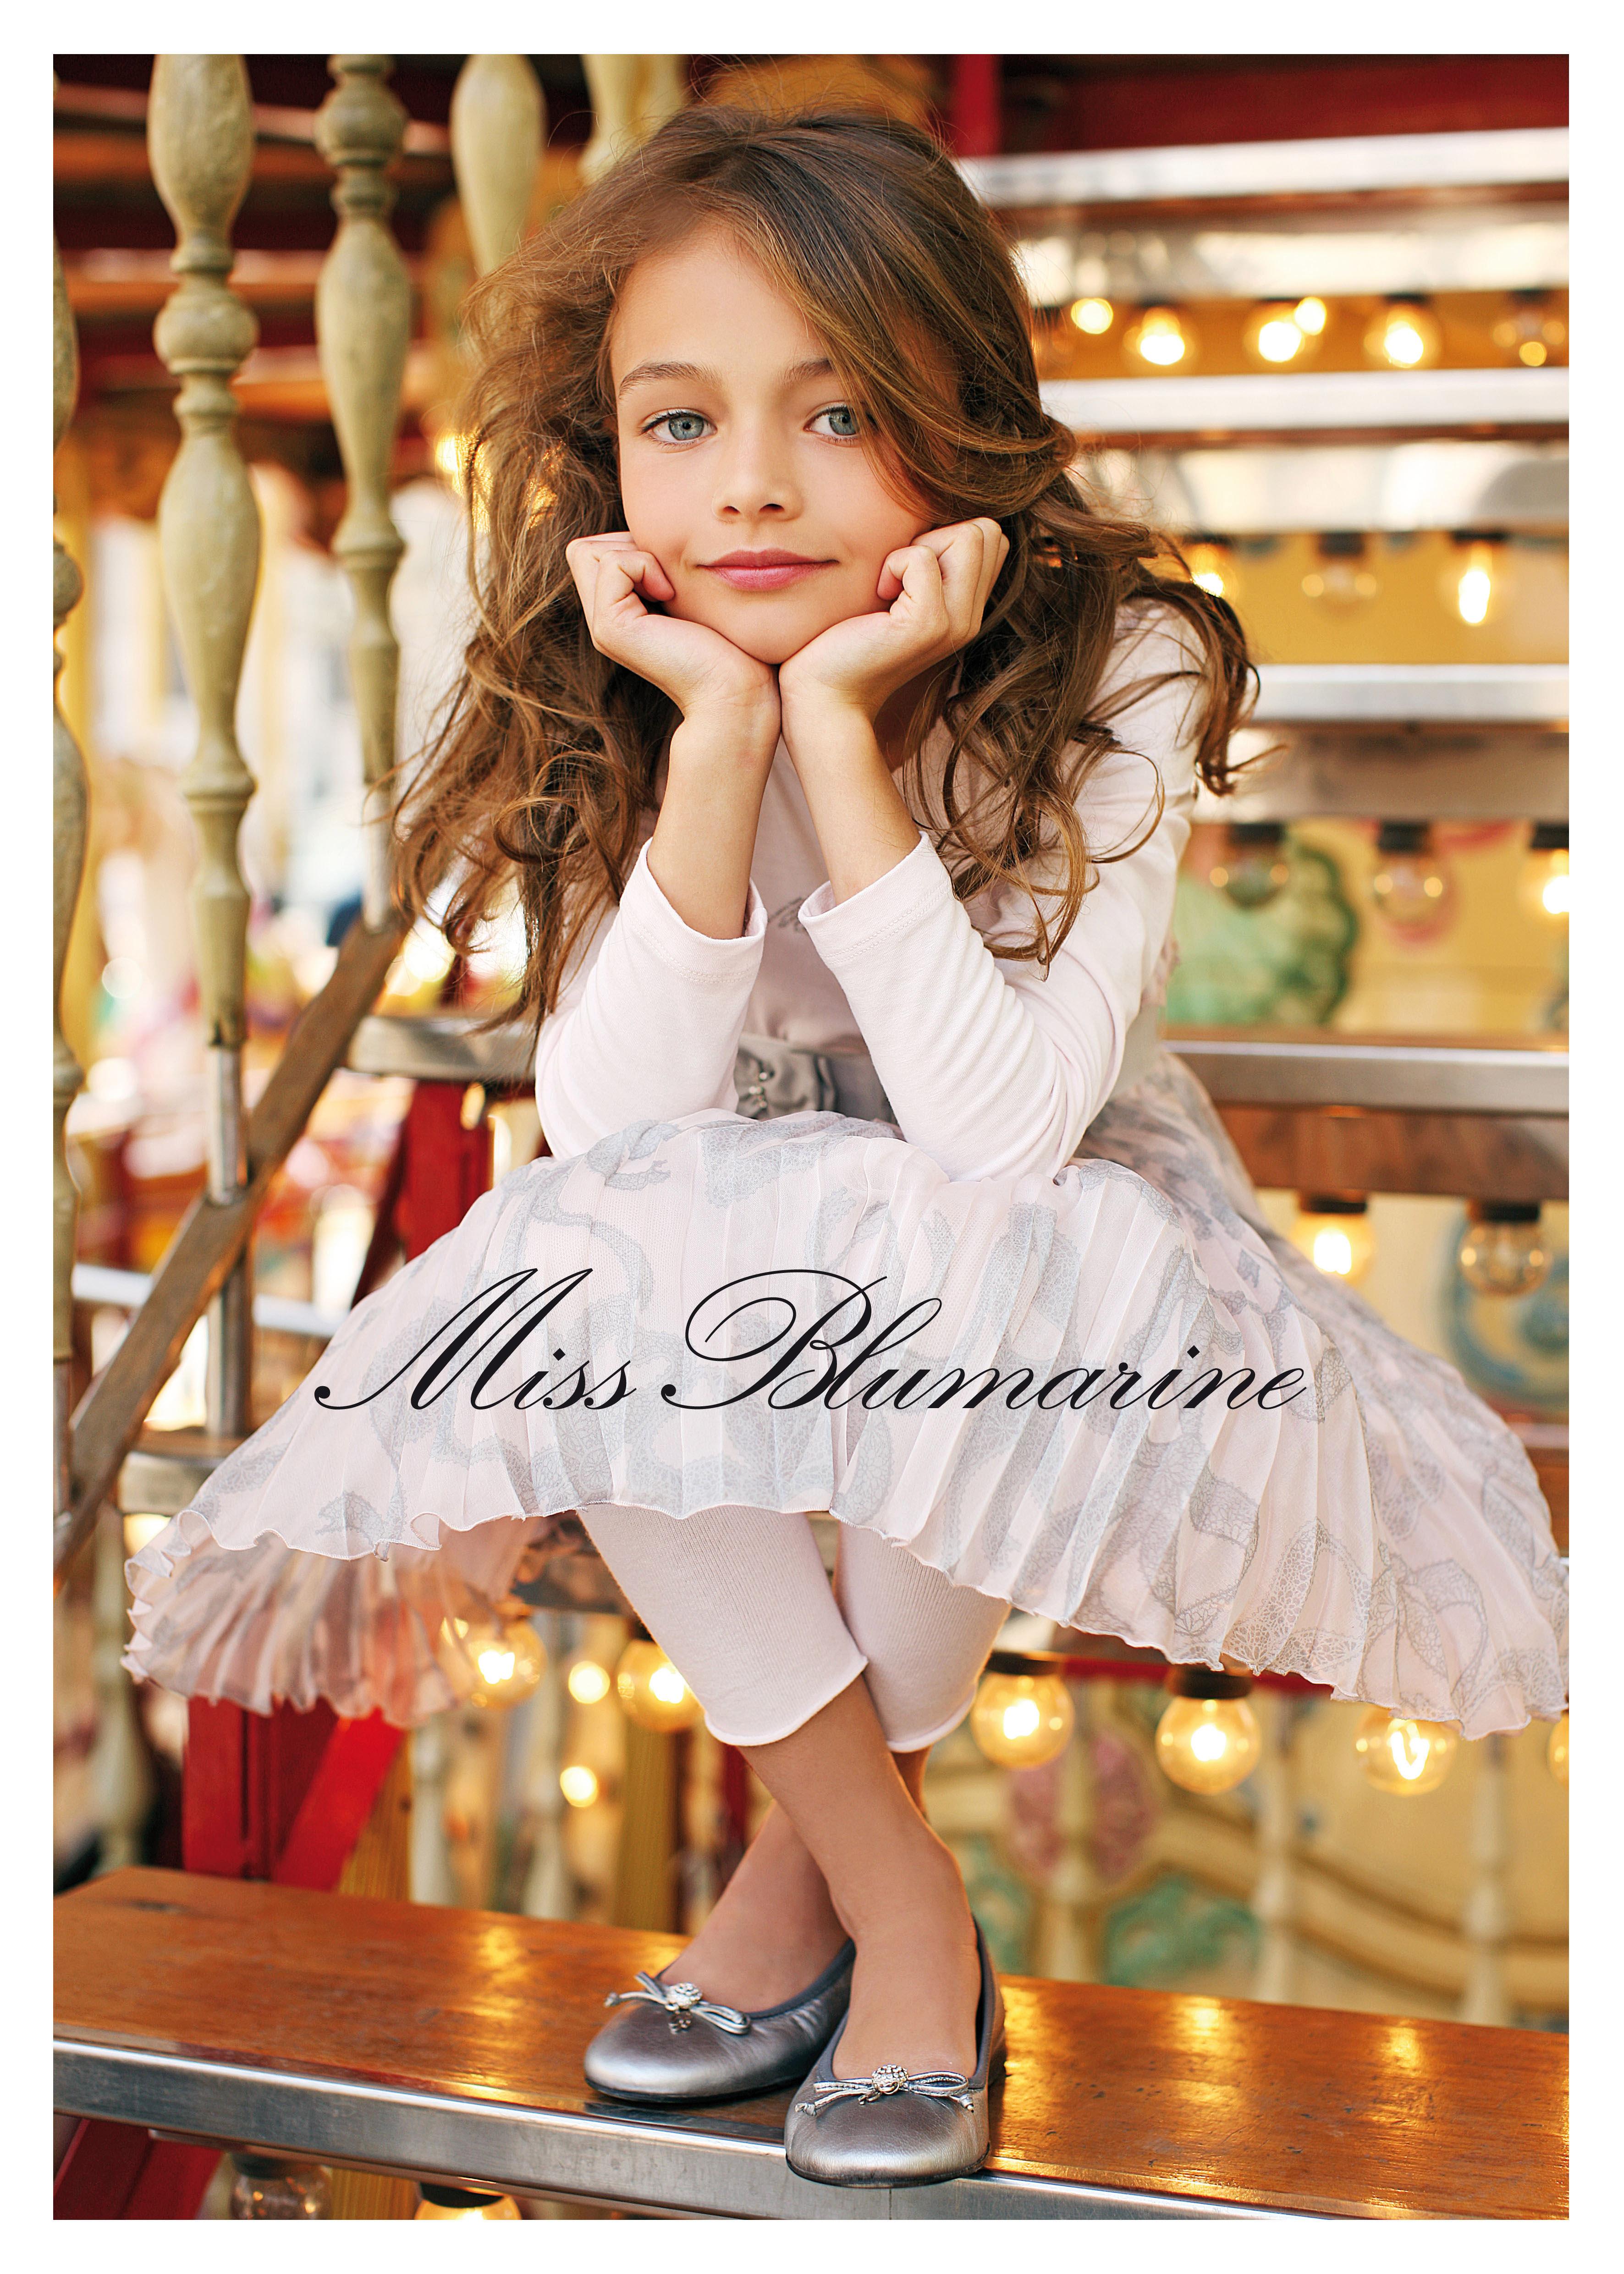 РaРzСOСAР?Р С РўРєРzР Miss Blumarine Jeans РєСAРzРіСe-Р РёРўР 2011